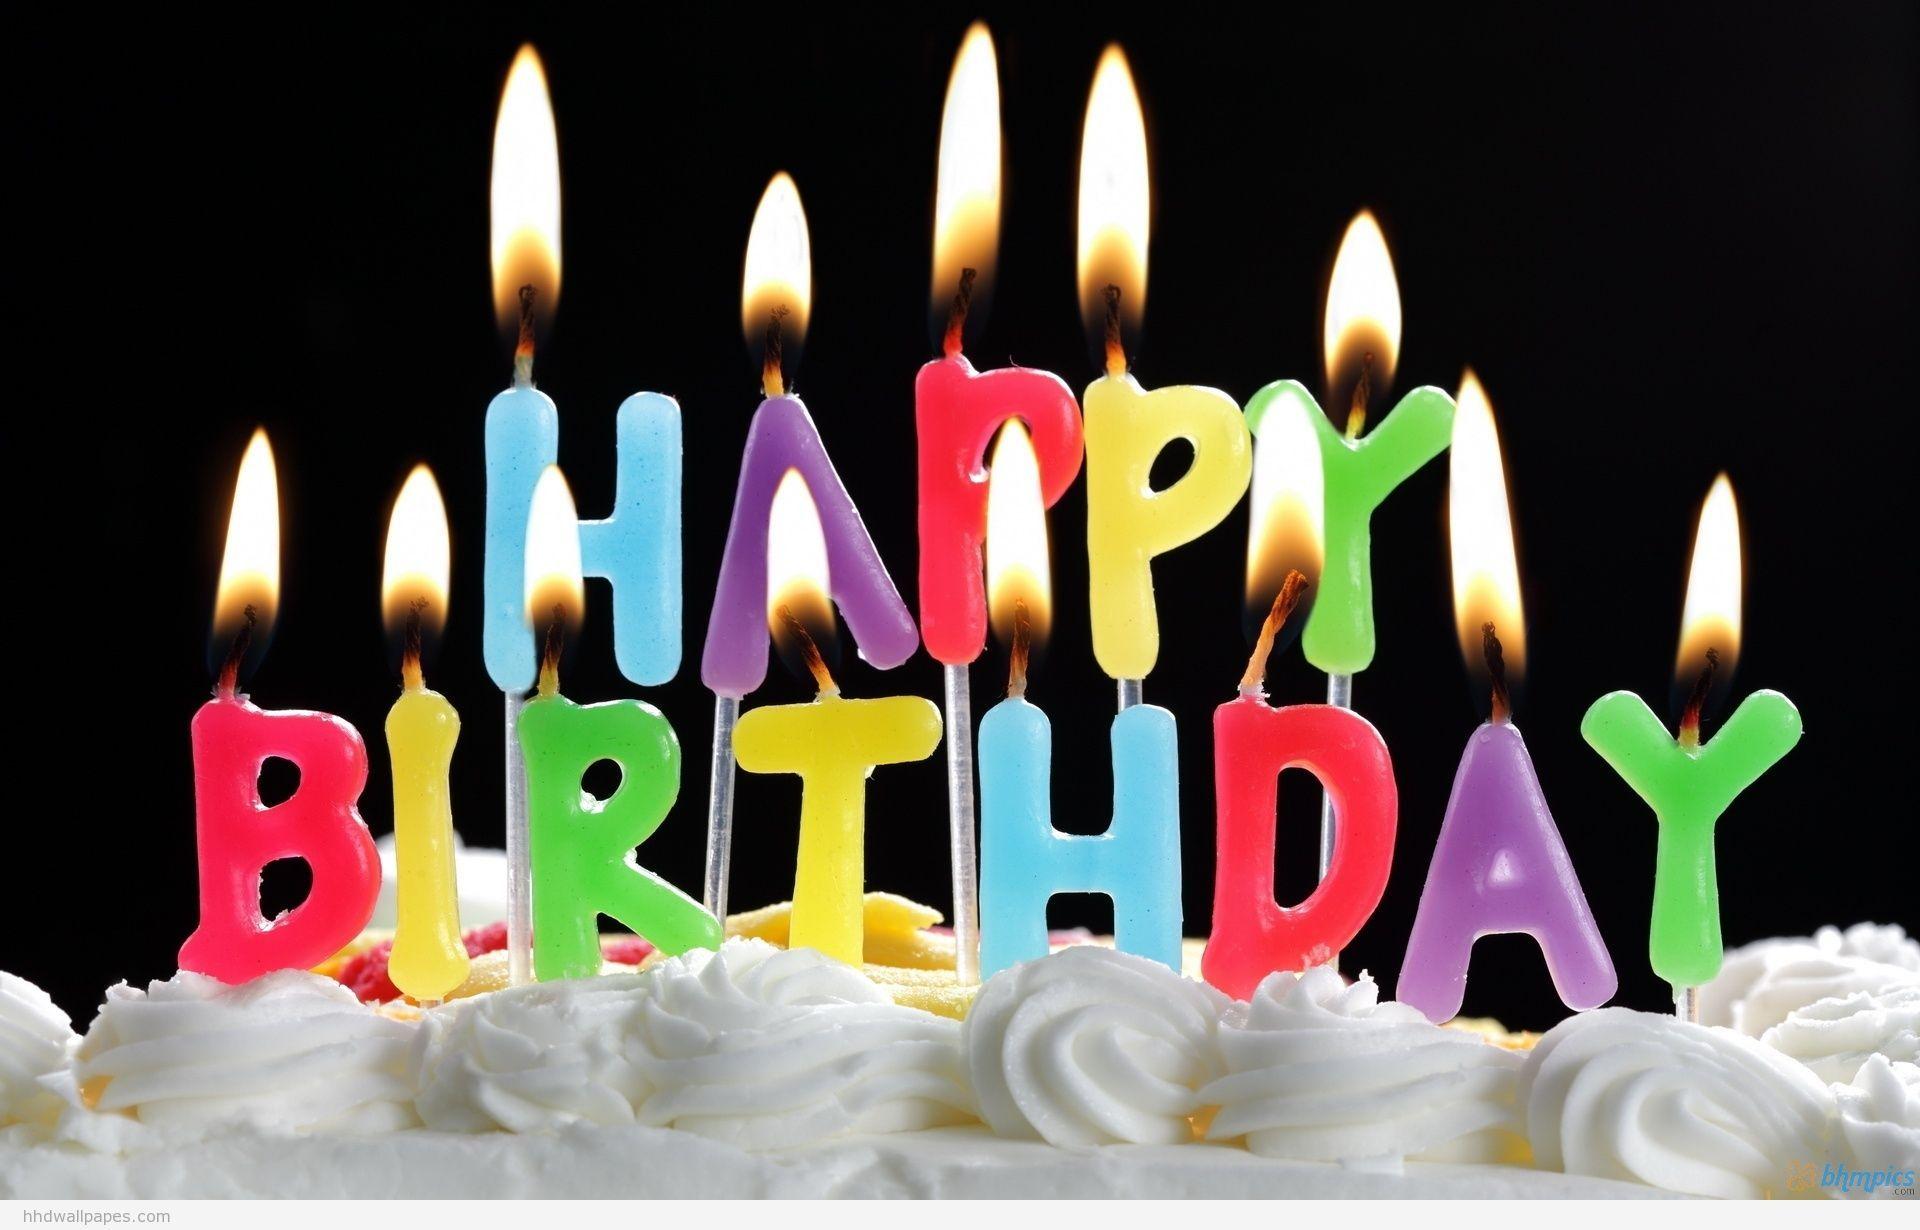 Birthday Cards Live ~ Happy birthday cake wallpaper live happy birthday cake images hd